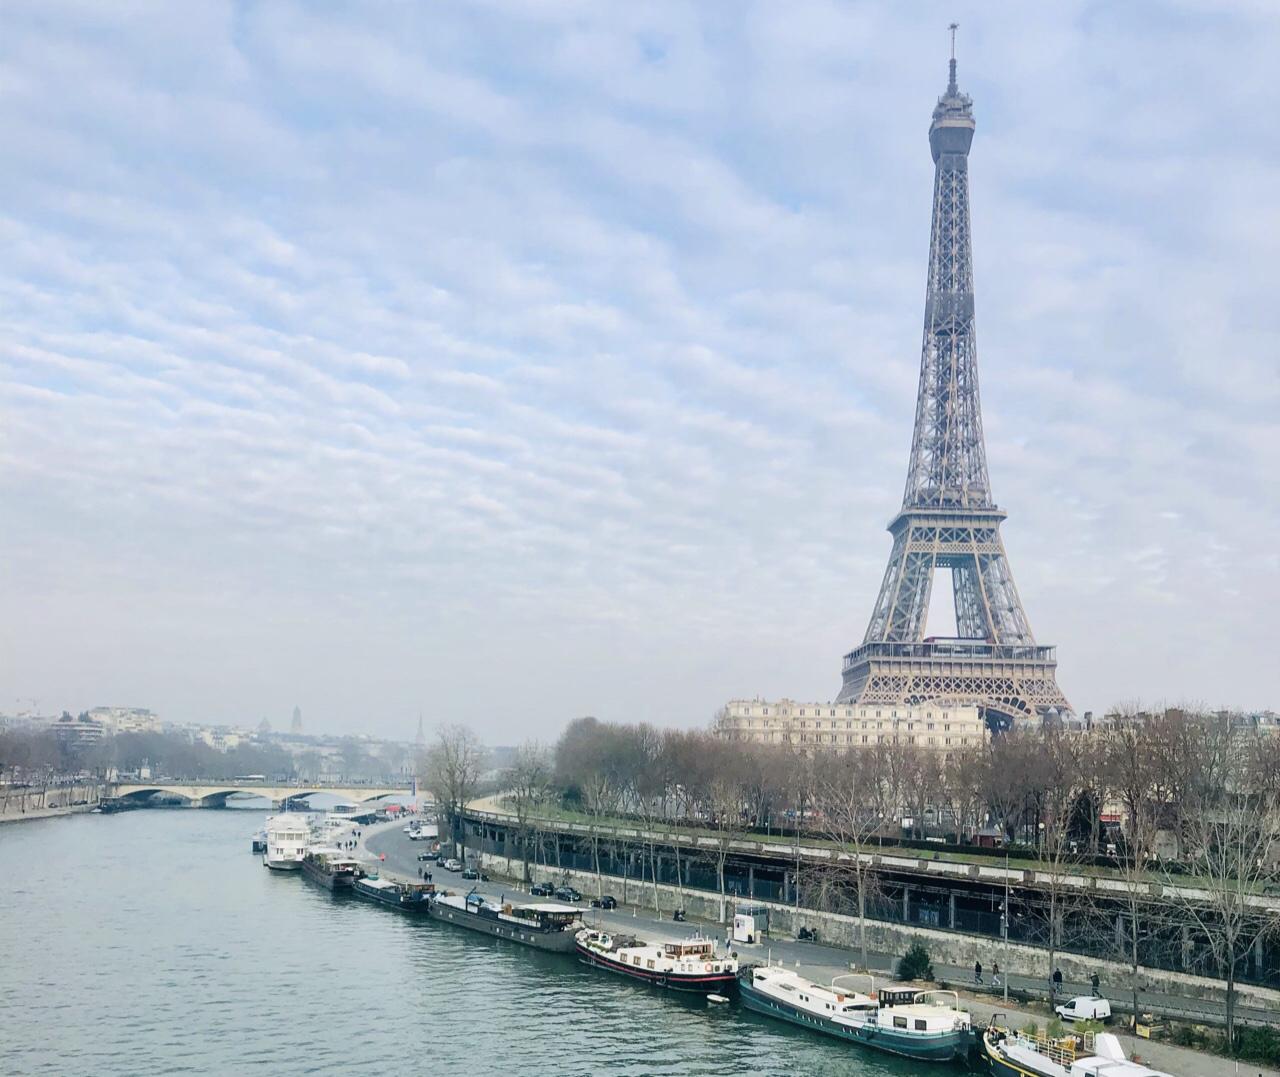 電車から撮ったエッフェル塔の写真